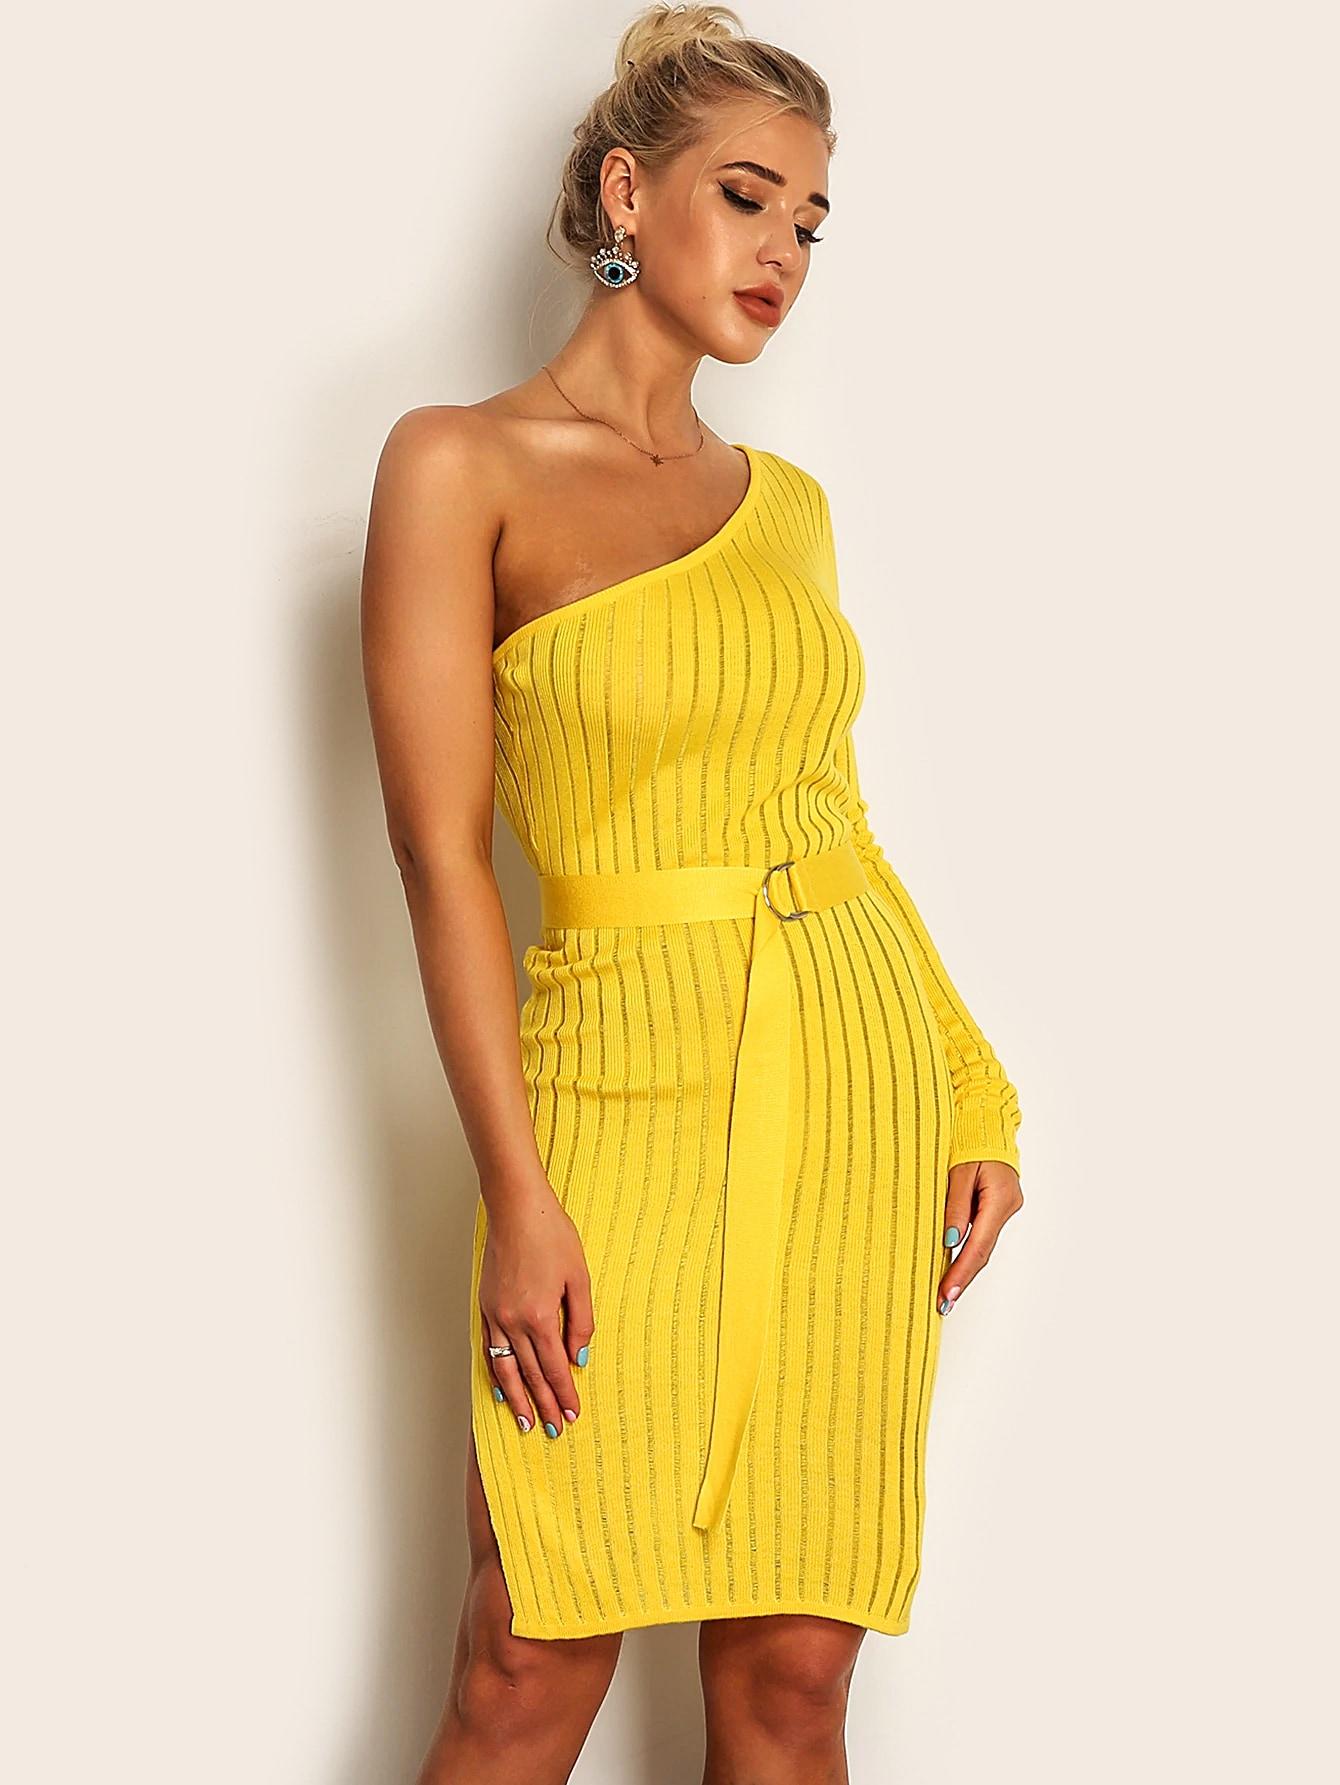 Фото - Joyfunear трикотажное платье-карандаш на одно плечо с поясом от SheIn цвет жёлтые